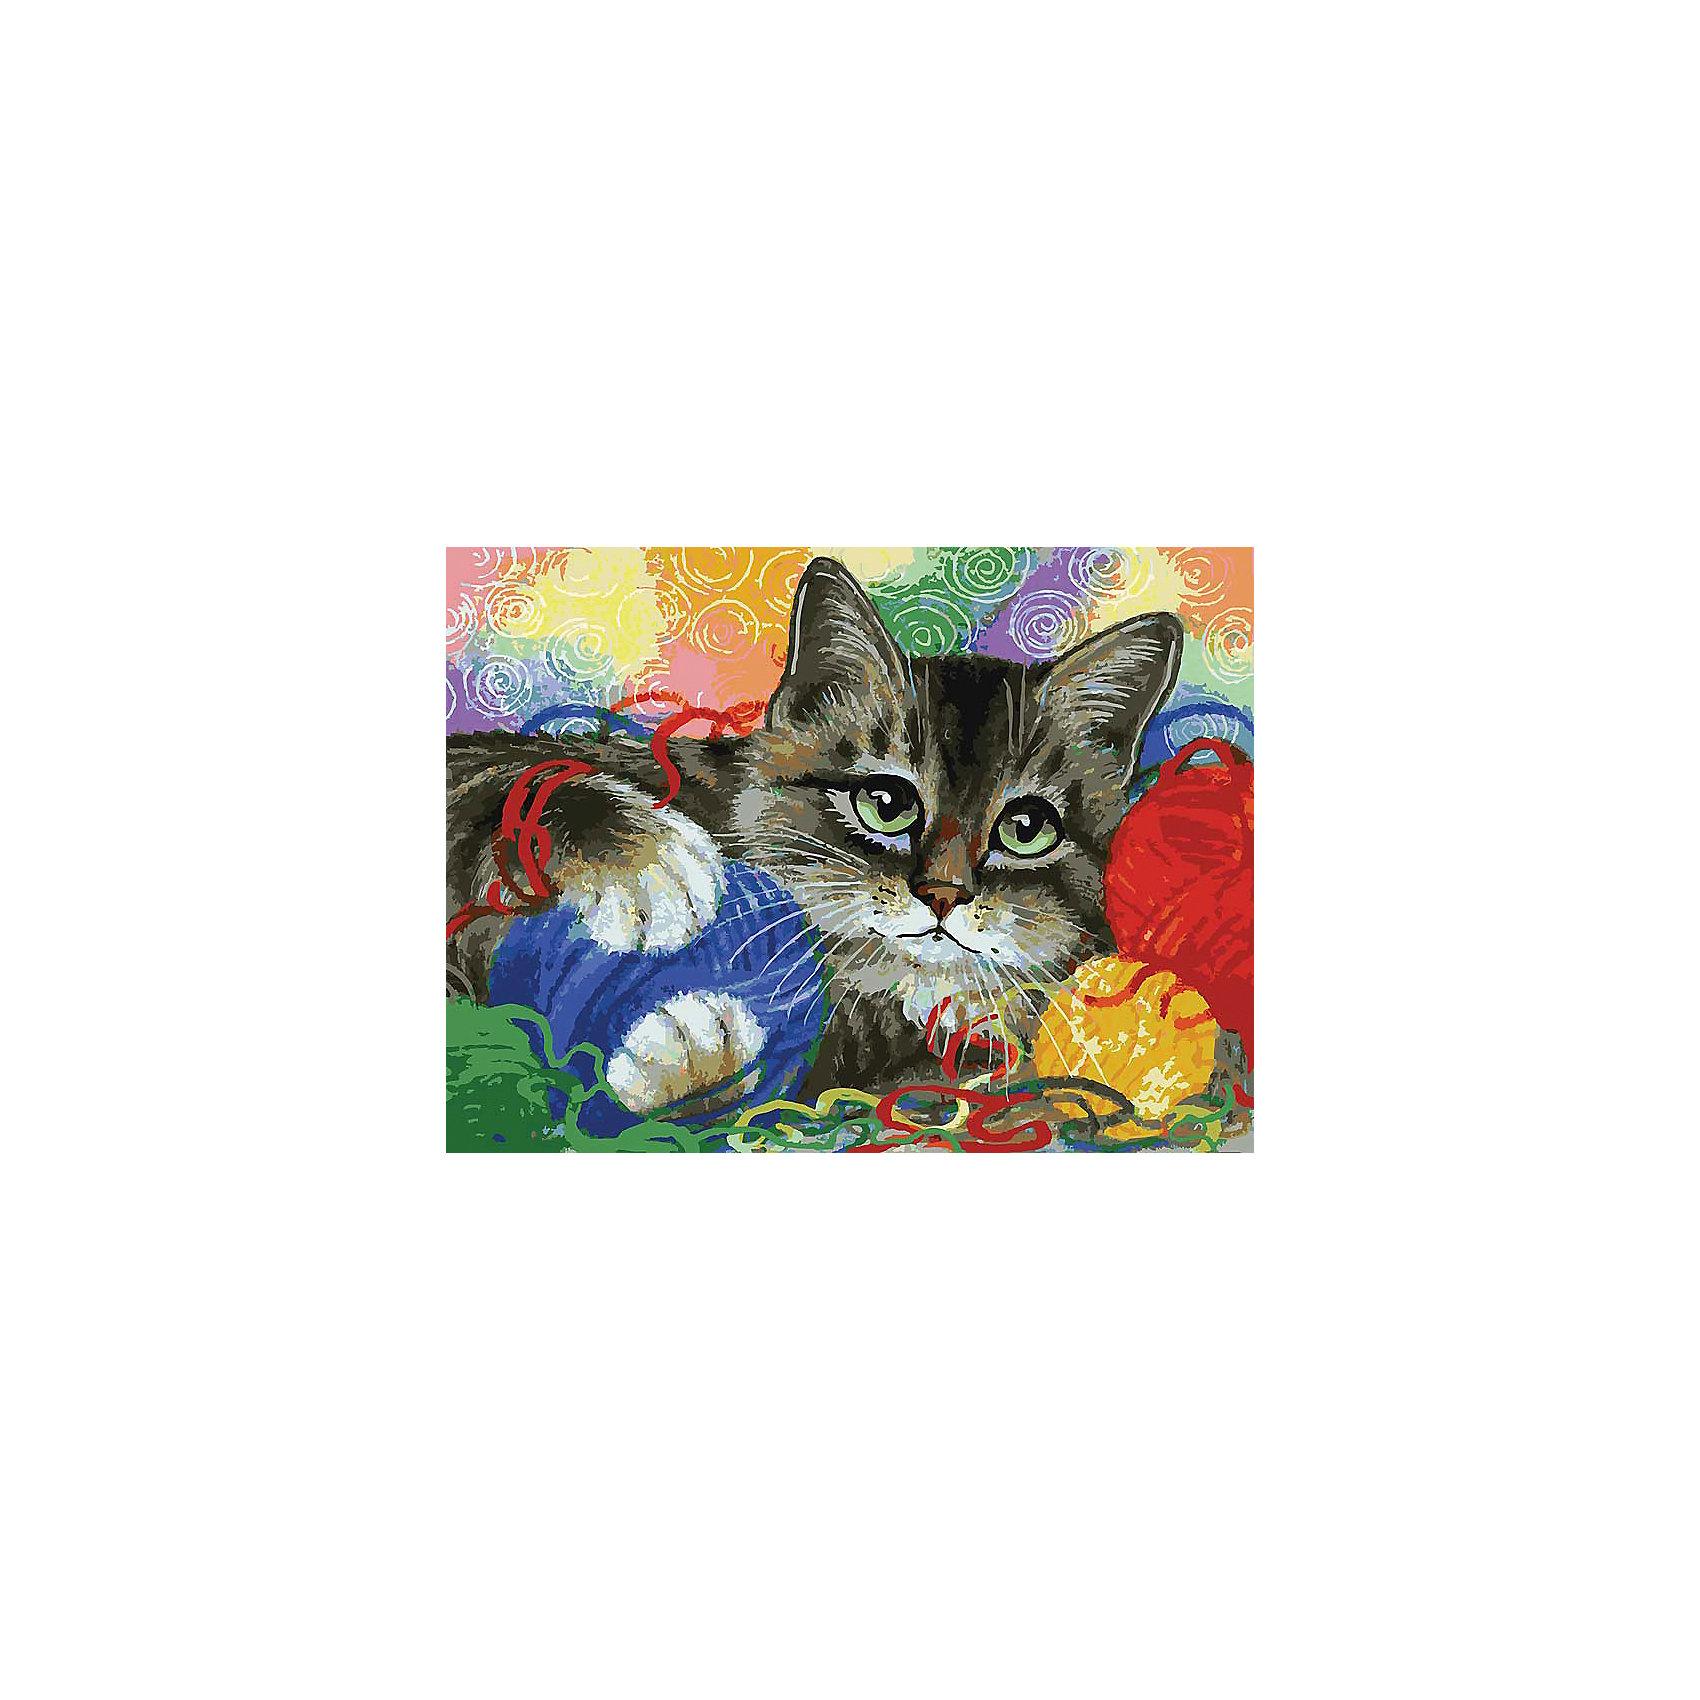 Живопись на картоне Котик с клубочкамиРисование<br>Живопись на картоне Котик с клубочками<br><br>Характеристики:<br><br>• Вес: 567<br>• Размер: 30х40<br>• Краски: акриловые, быстросохнущие<br>• Количество цветов: 36<br>• В наборе: картон (2мм) с рисунком, контрольный лист с рисунком, 36 красок, 4 кисти<br><br>Данный набор позволит любому человеку ощутить себя профессиональным художником. В комплект входит картон с нанесенным на него рисунком по номерам, акриловые краски на водной основе, специальный контрольный лист, предотвращающий ошибки и 4 удобные кисти разных размеров. <br><br>Рисовать на твердом картоне очень удобно, так как нанесение красок на него намного легче. Цвета ложатся ровным слоем, перекрывая нанесенный рисунок. Если вы боитесь, что где-то ошиблись – приложите контрольный лист, который полностью повторяет схему. Акриловые краски совершенно безопасны и не имеют запаха.<br><br>Живопись на картоне Котик с клубочками можно купить в нашем интернет-магазине.<br><br>Ширина мм: 410<br>Глубина мм: 310<br>Высота мм: 250<br>Вес г: 567<br>Возраст от месяцев: 72<br>Возраст до месяцев: 2147483647<br>Пол: Унисекс<br>Возраст: Детский<br>SKU: 5500359